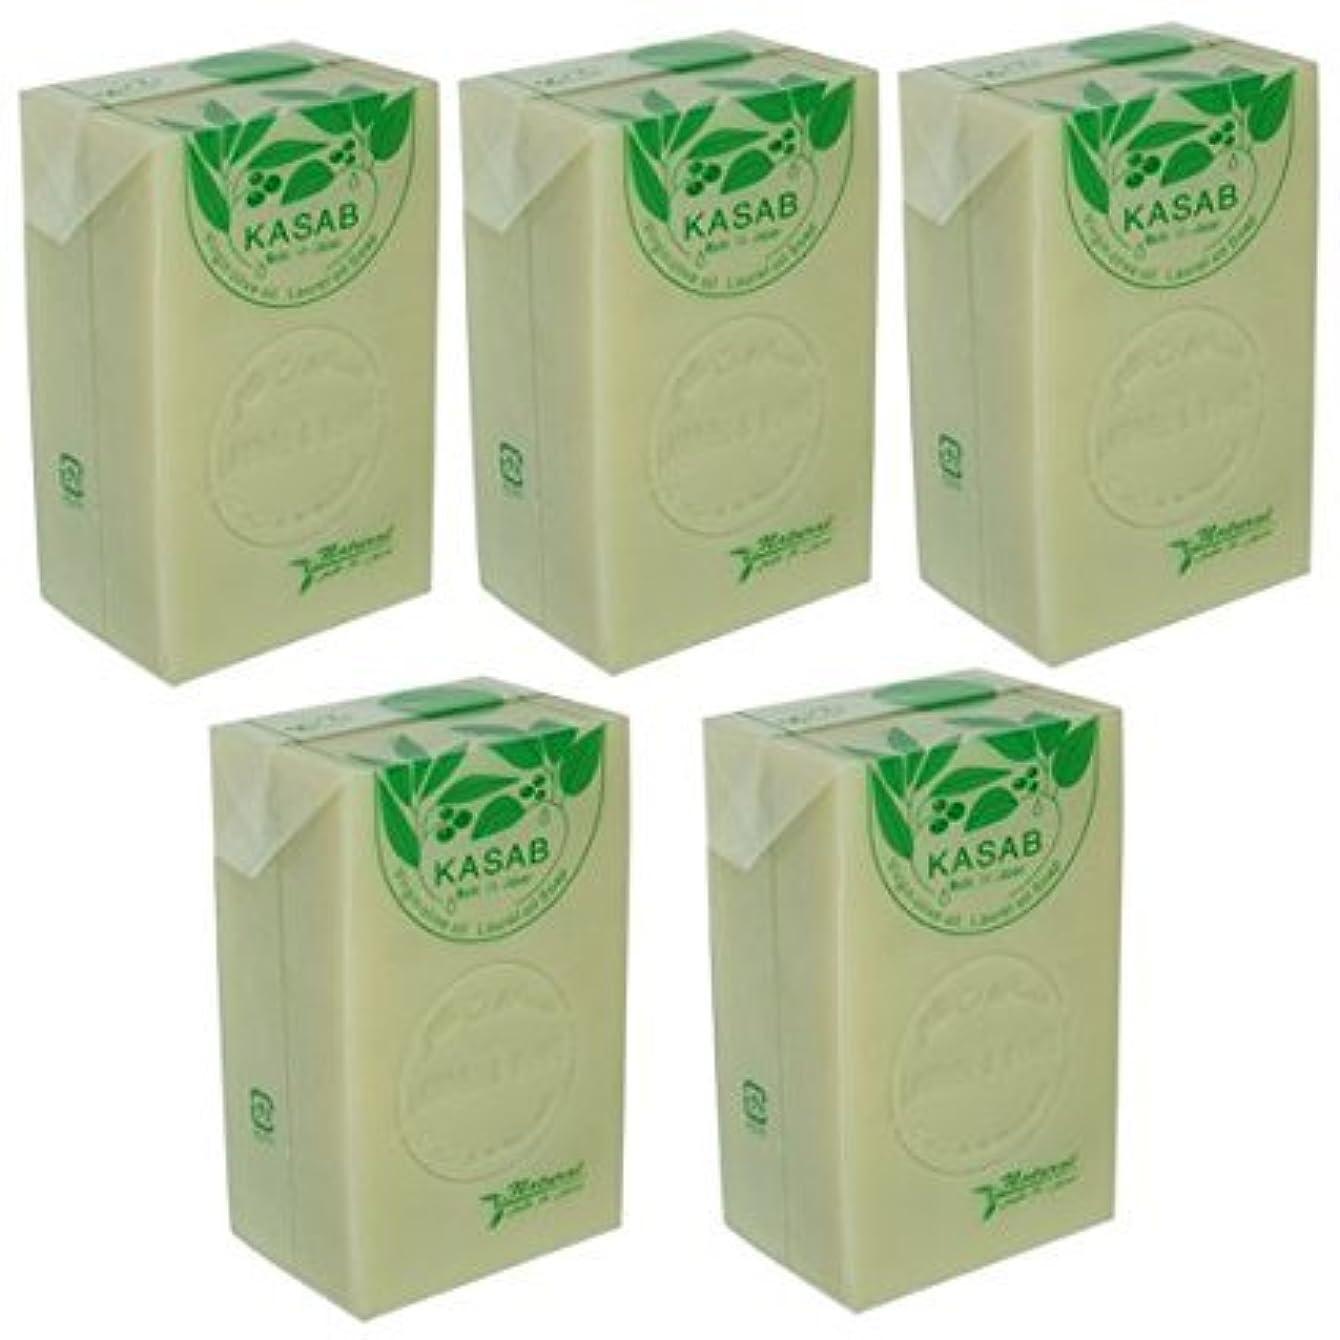 グループ原稿保証するカサブ石鹸5個セット